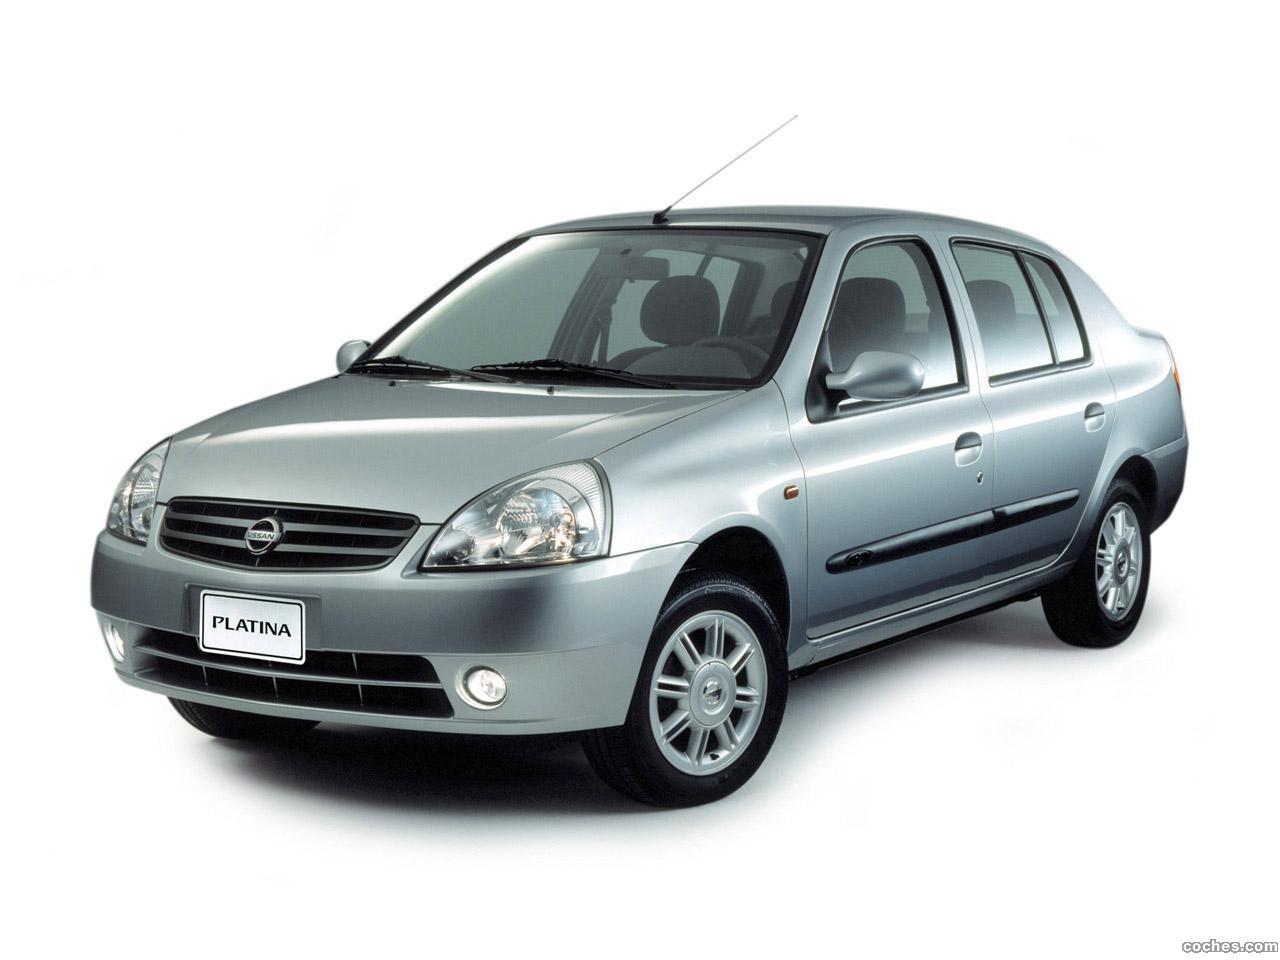 Foto 0 de Nissan Platina 2002